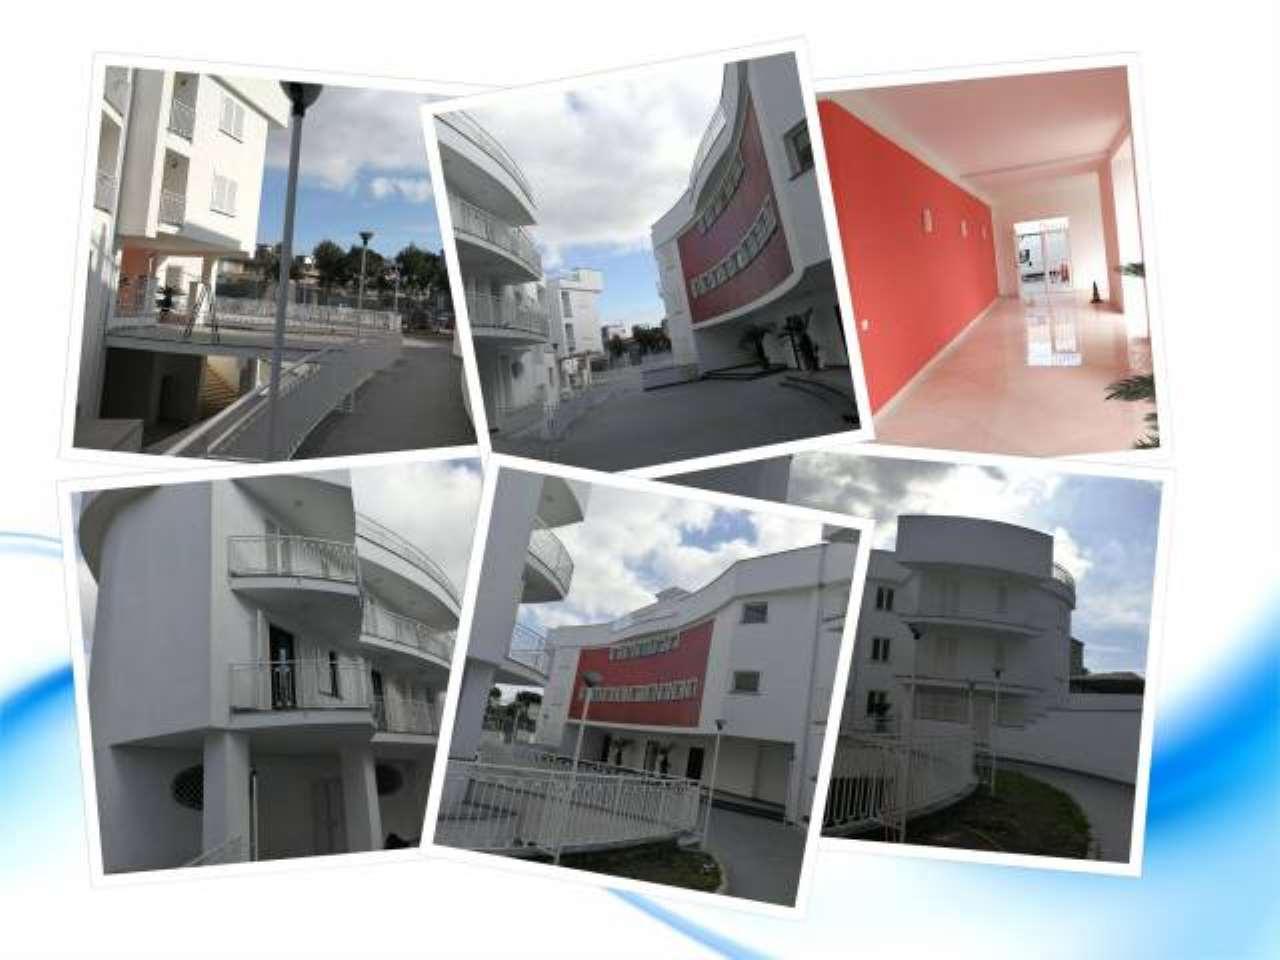 Appartamento in vendita a Afragola, 3 locali, prezzo € 230.000 | CambioCasa.it